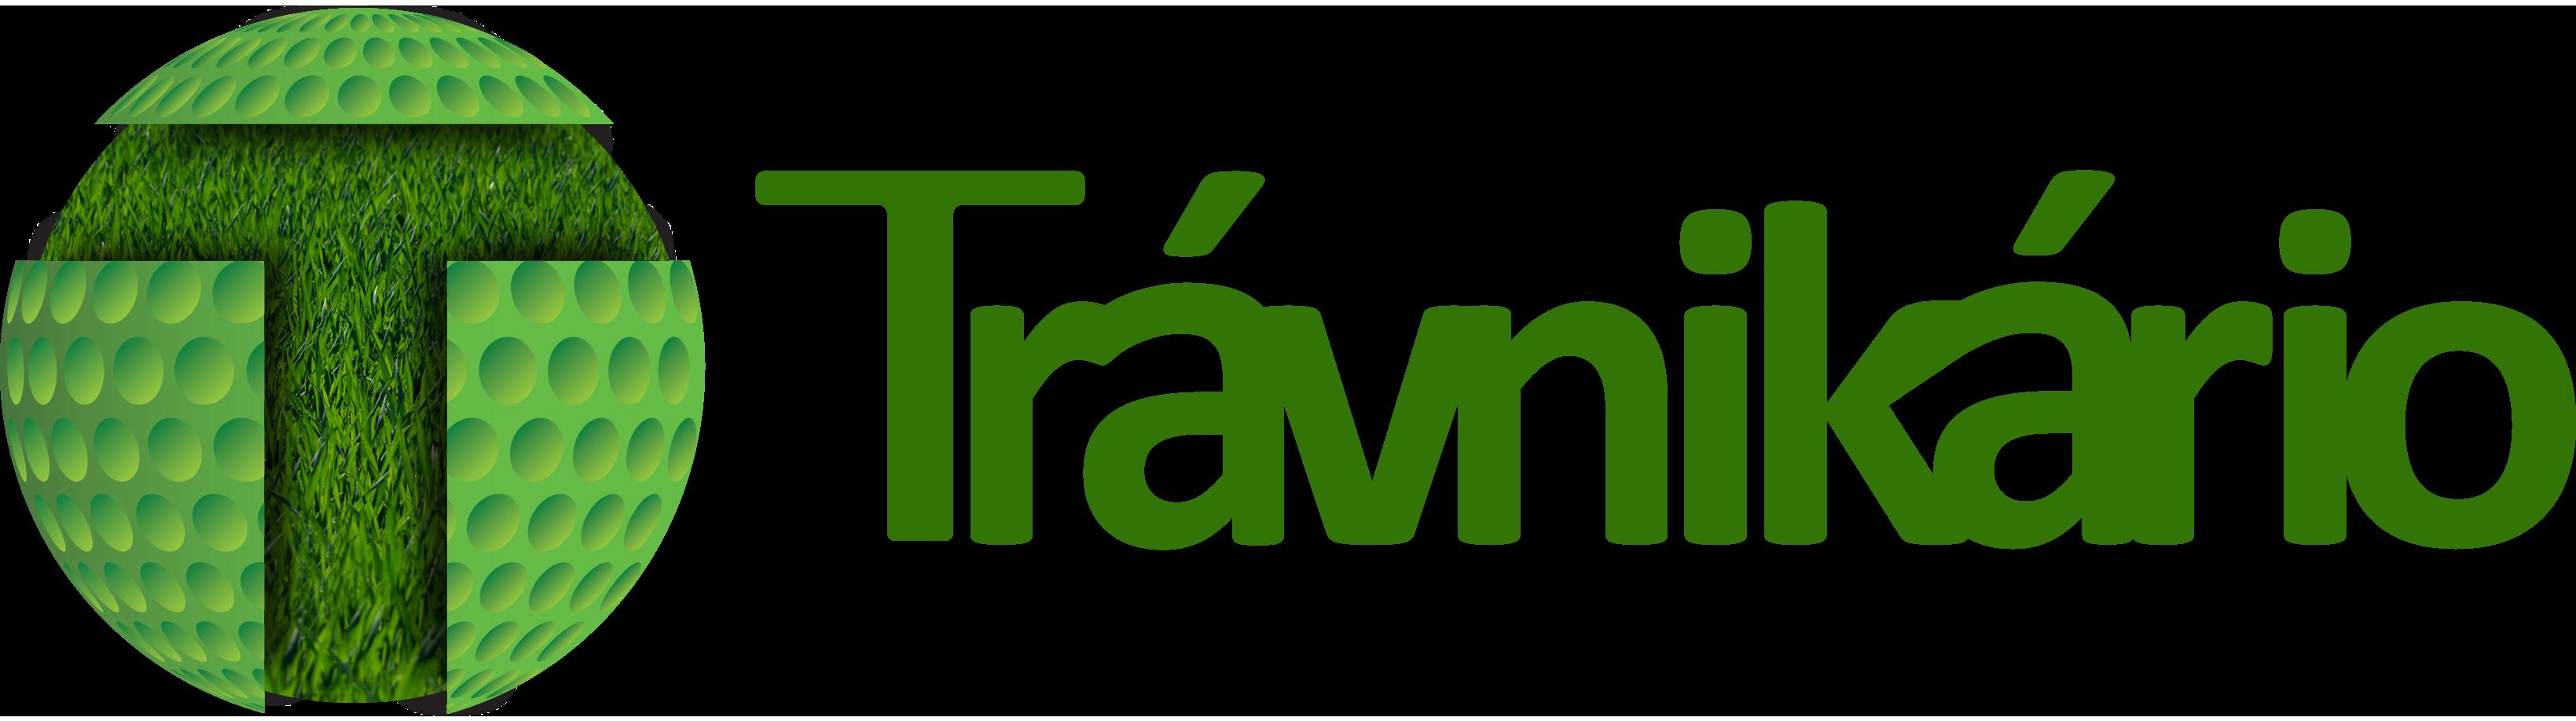 www.travnikario.sk